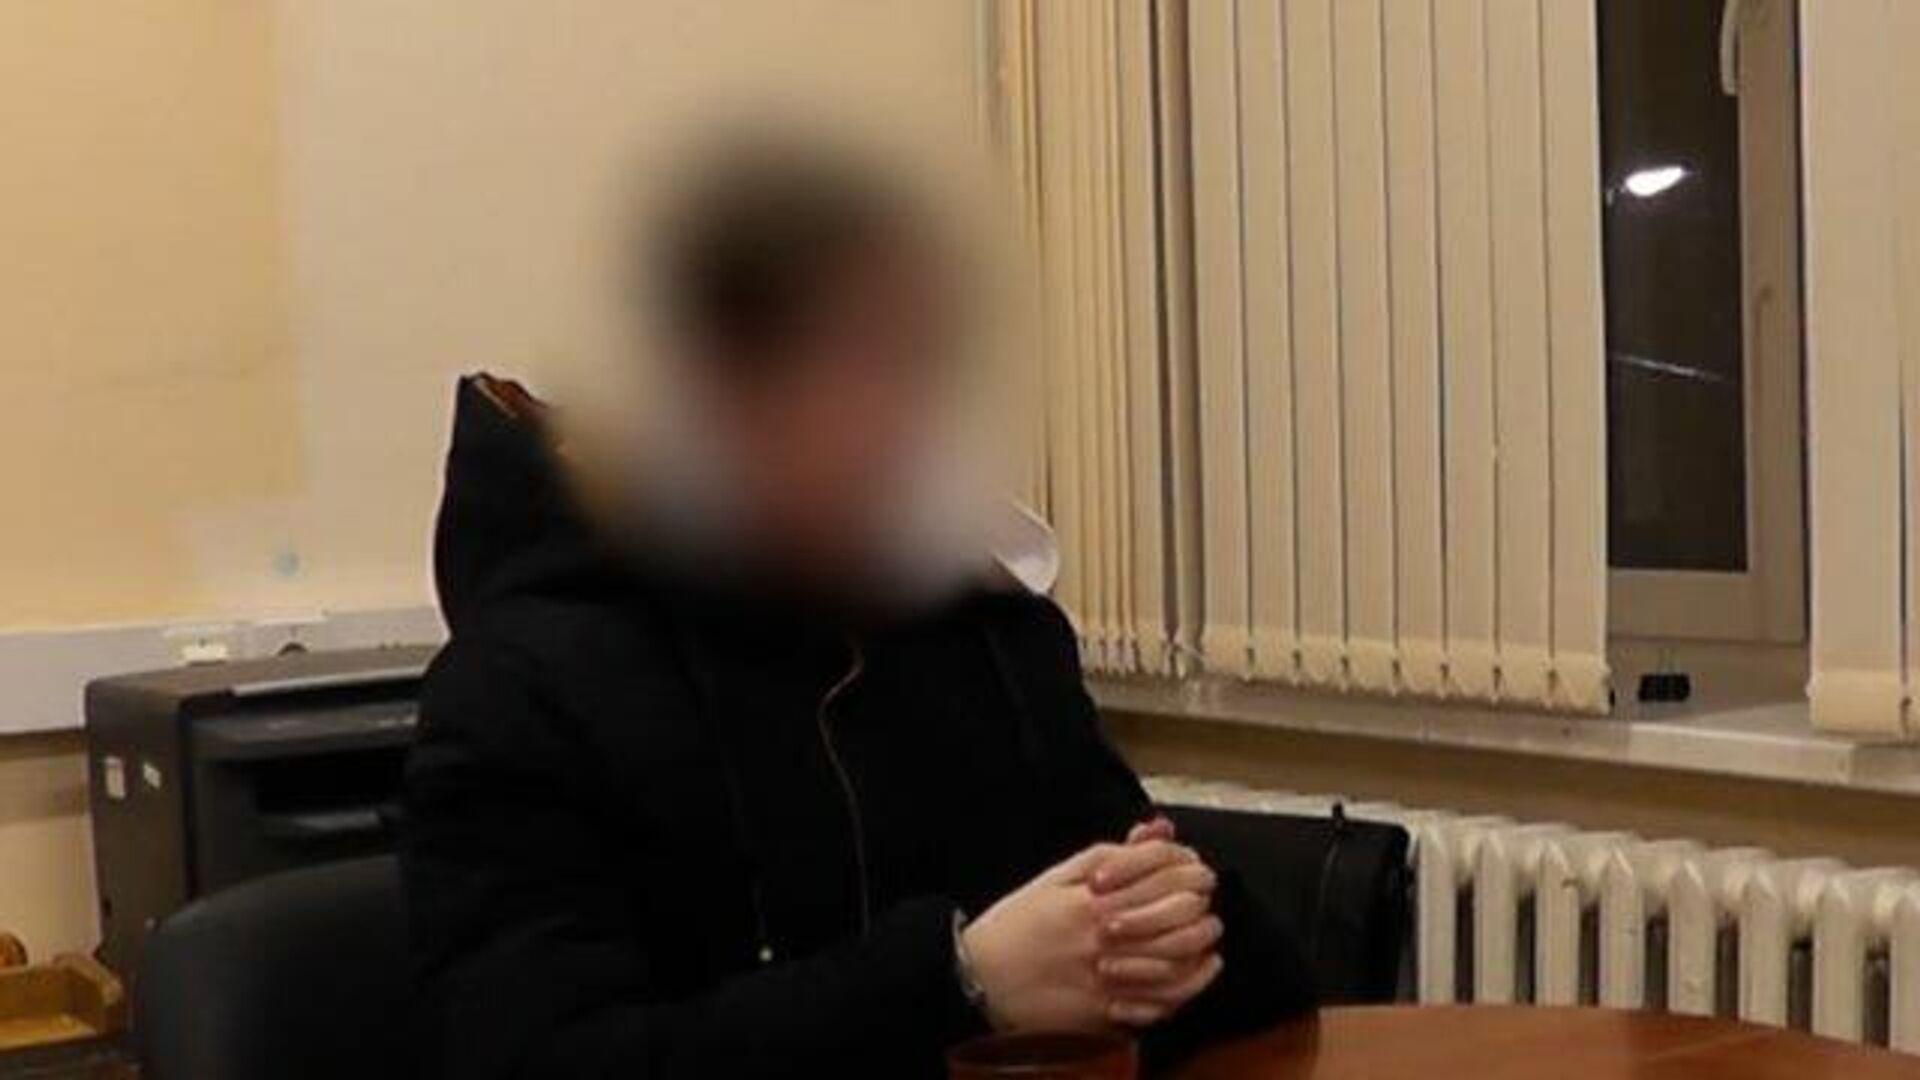 Показания подростка, подозреваемого в убийстве своей семьи. Кадры СК РФ - РИА Новости, 1920, 04.03.2021